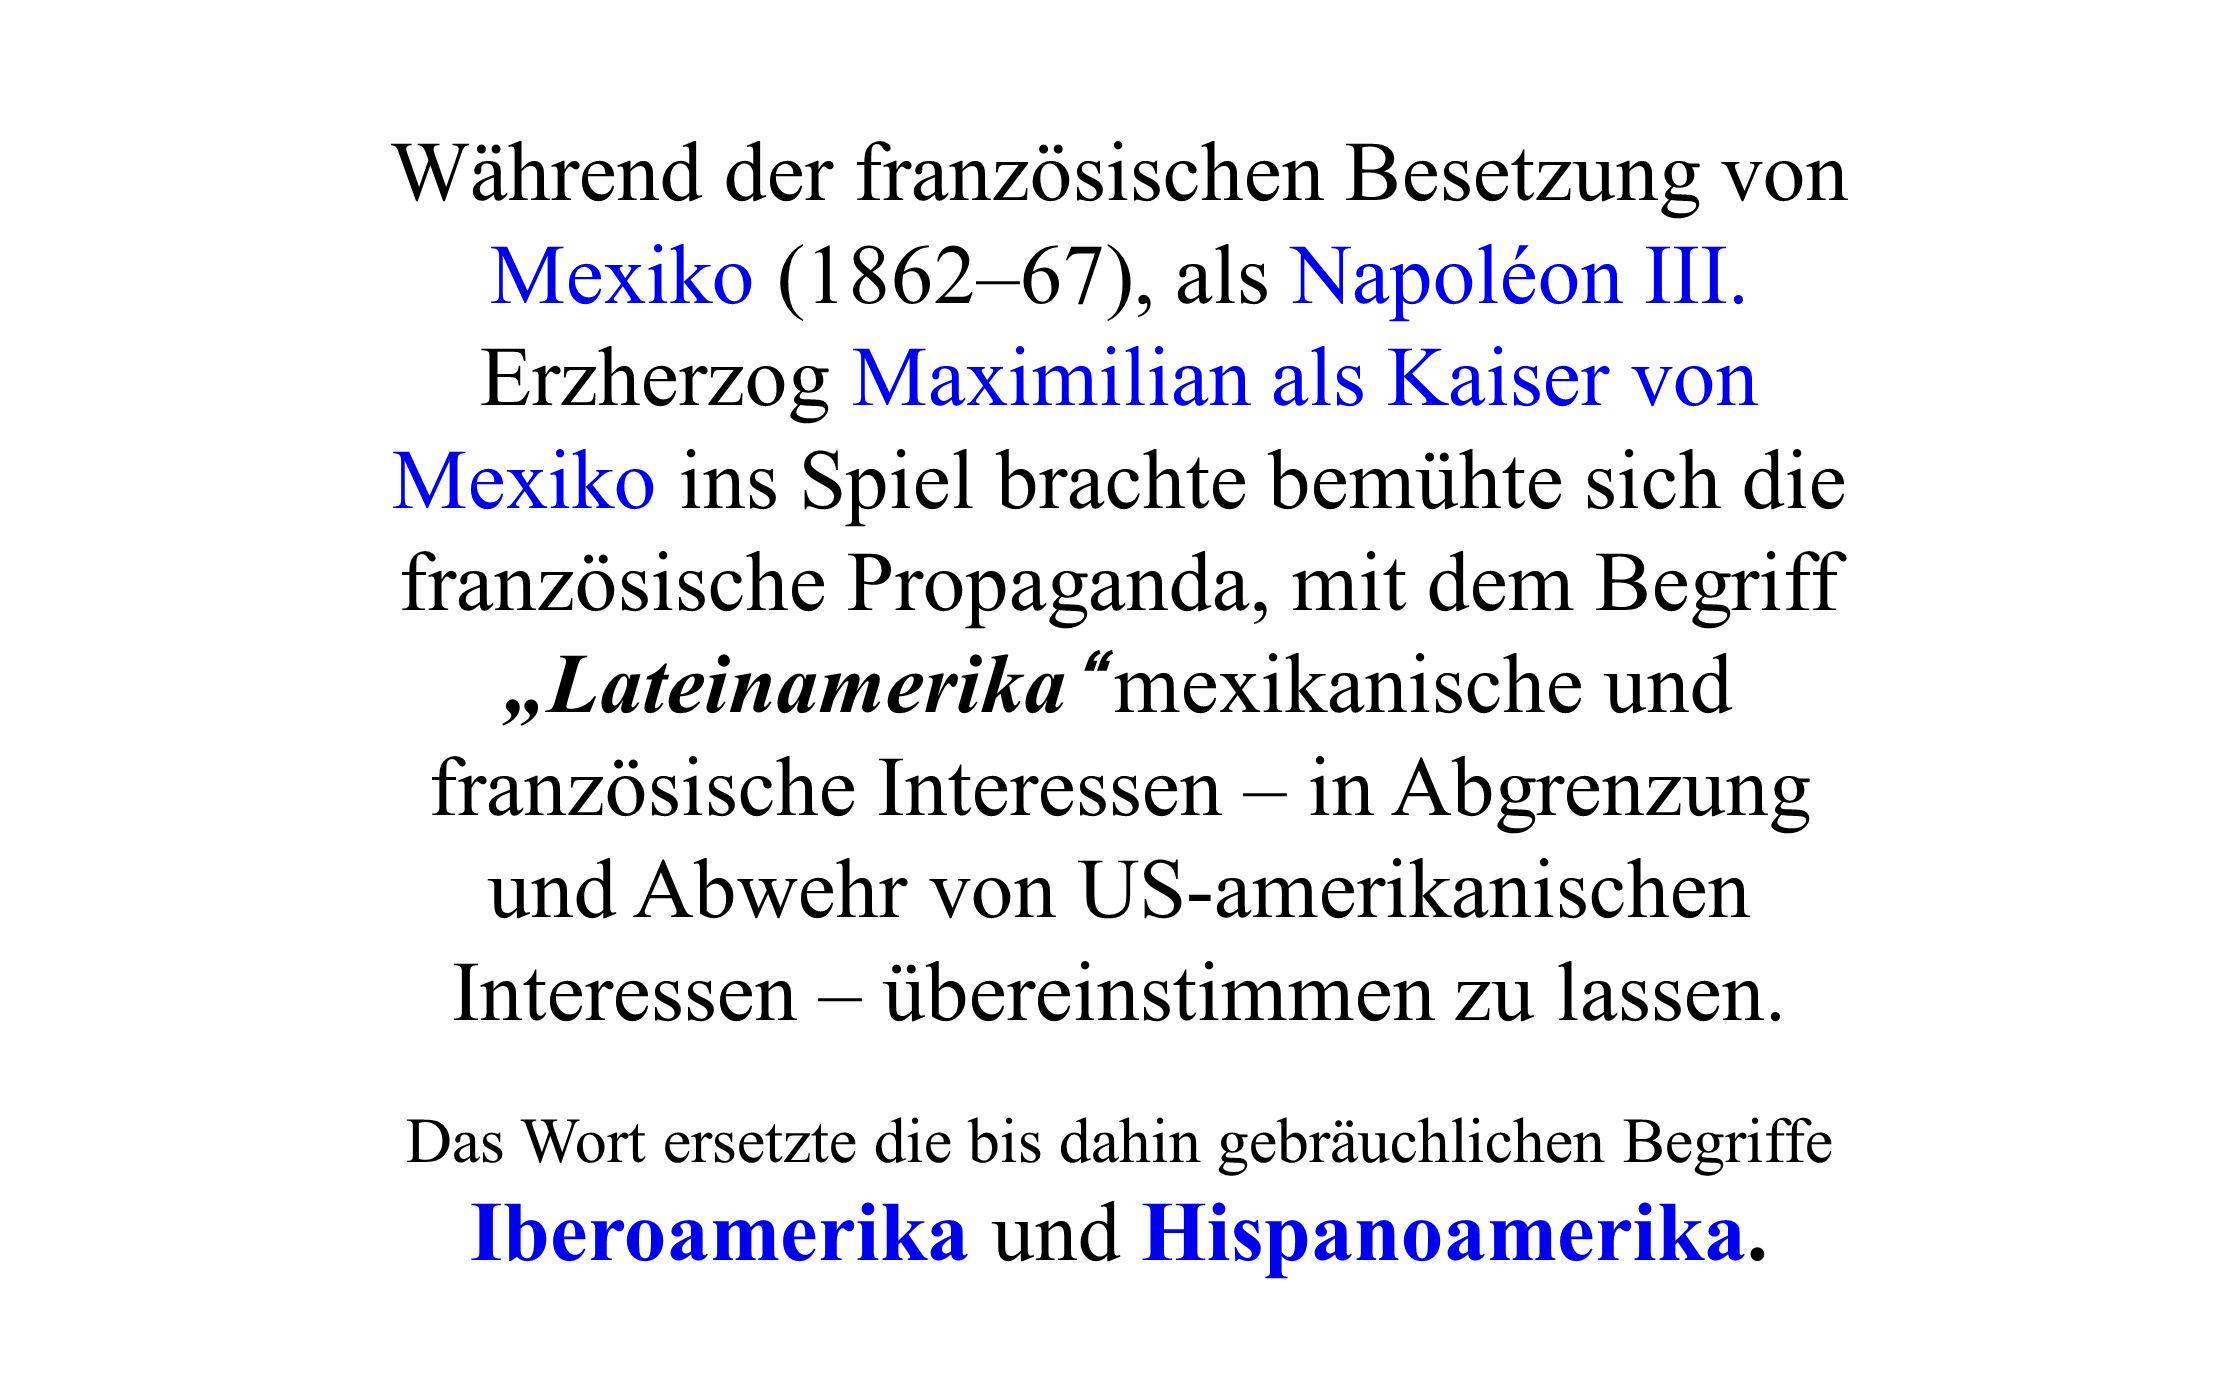 """Während der französischen Besetzung von Mexiko (1862–67), als Napoléon III. Erzherzog Maximilian als Kaiser von Mexiko ins Spiel brachte bemühte sich die französische Propaganda, mit dem Begriff """"Lateinamerika mexikanische und französische Interessen – in Abgrenzung und Abwehr von US-amerikanischen Interessen – übereinstimmen zu lassen."""